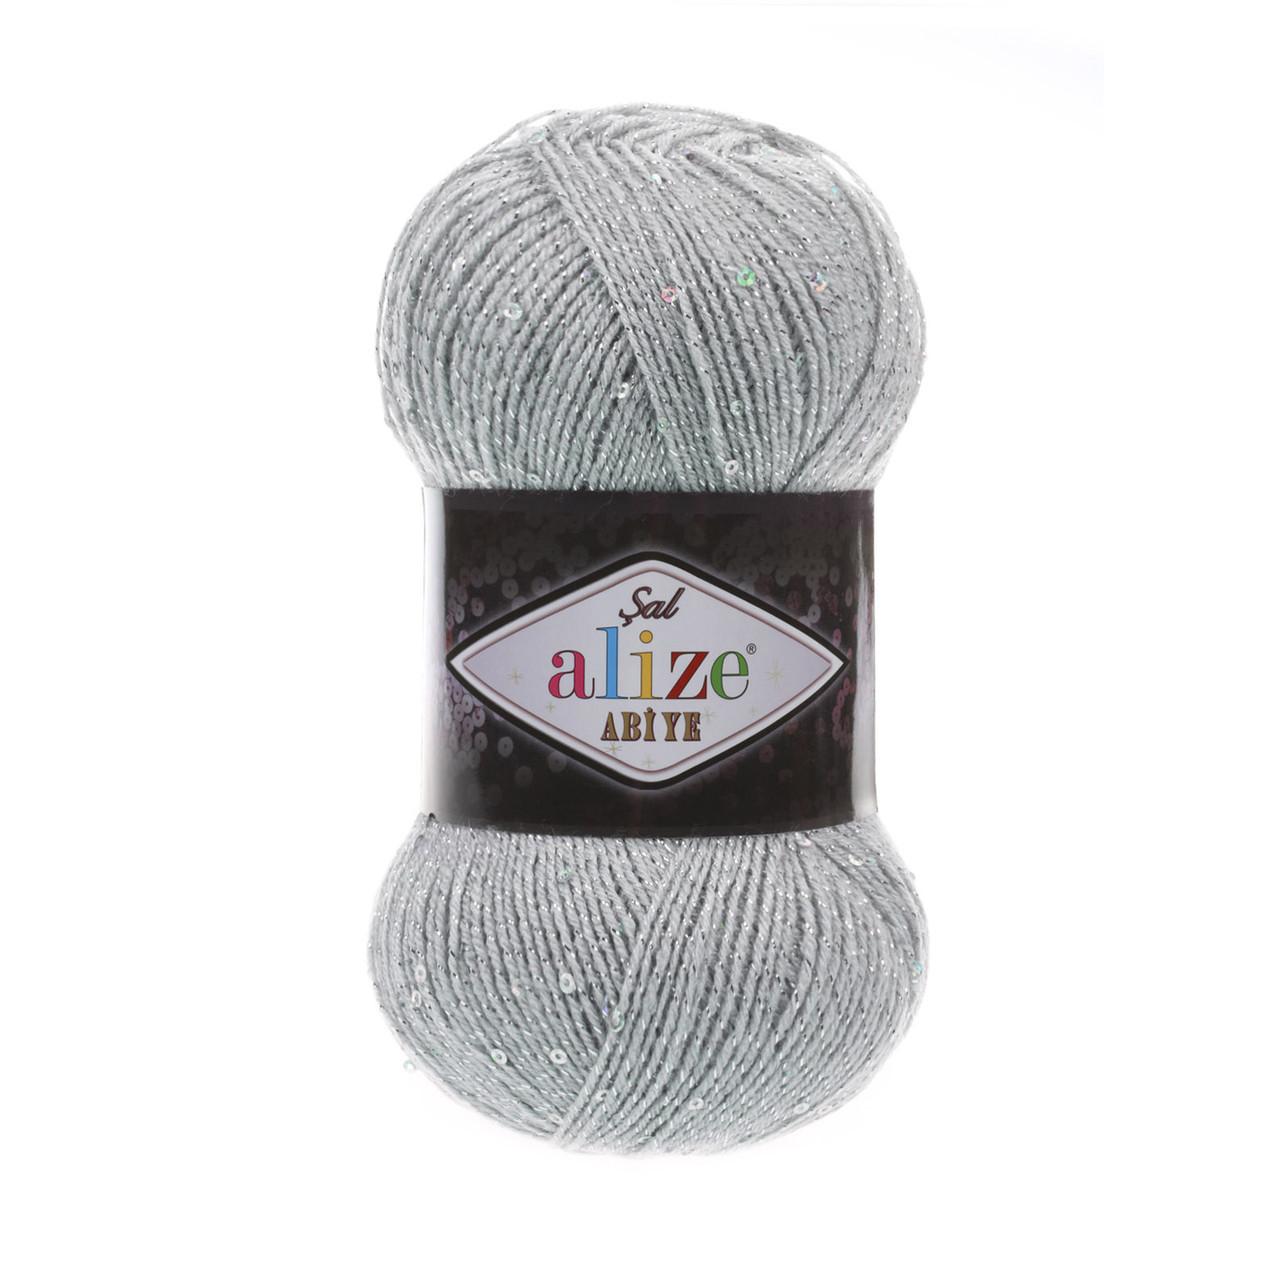 Пряжа Alize SAL ABİYE Ализе Сал Абийе с паетками, цвет №21 серый